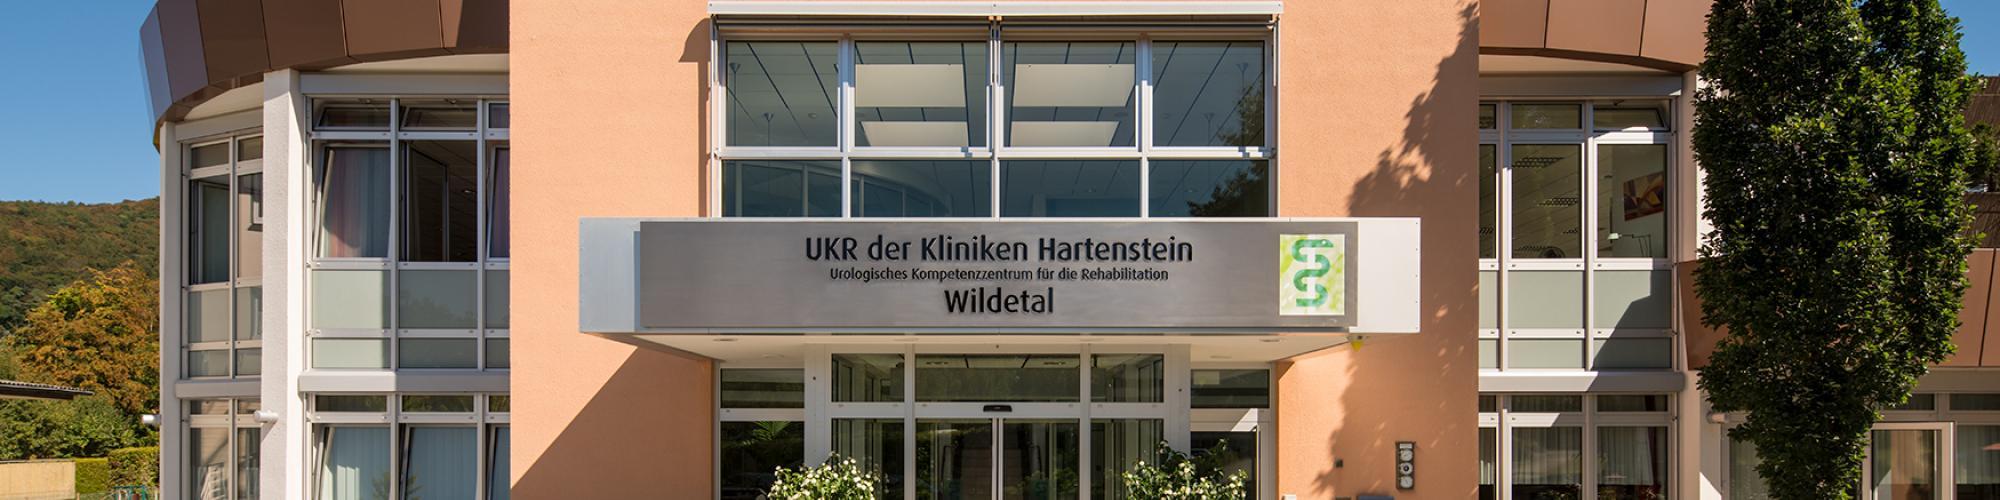 Kliniken Hartenstein GmbH & Co. KG